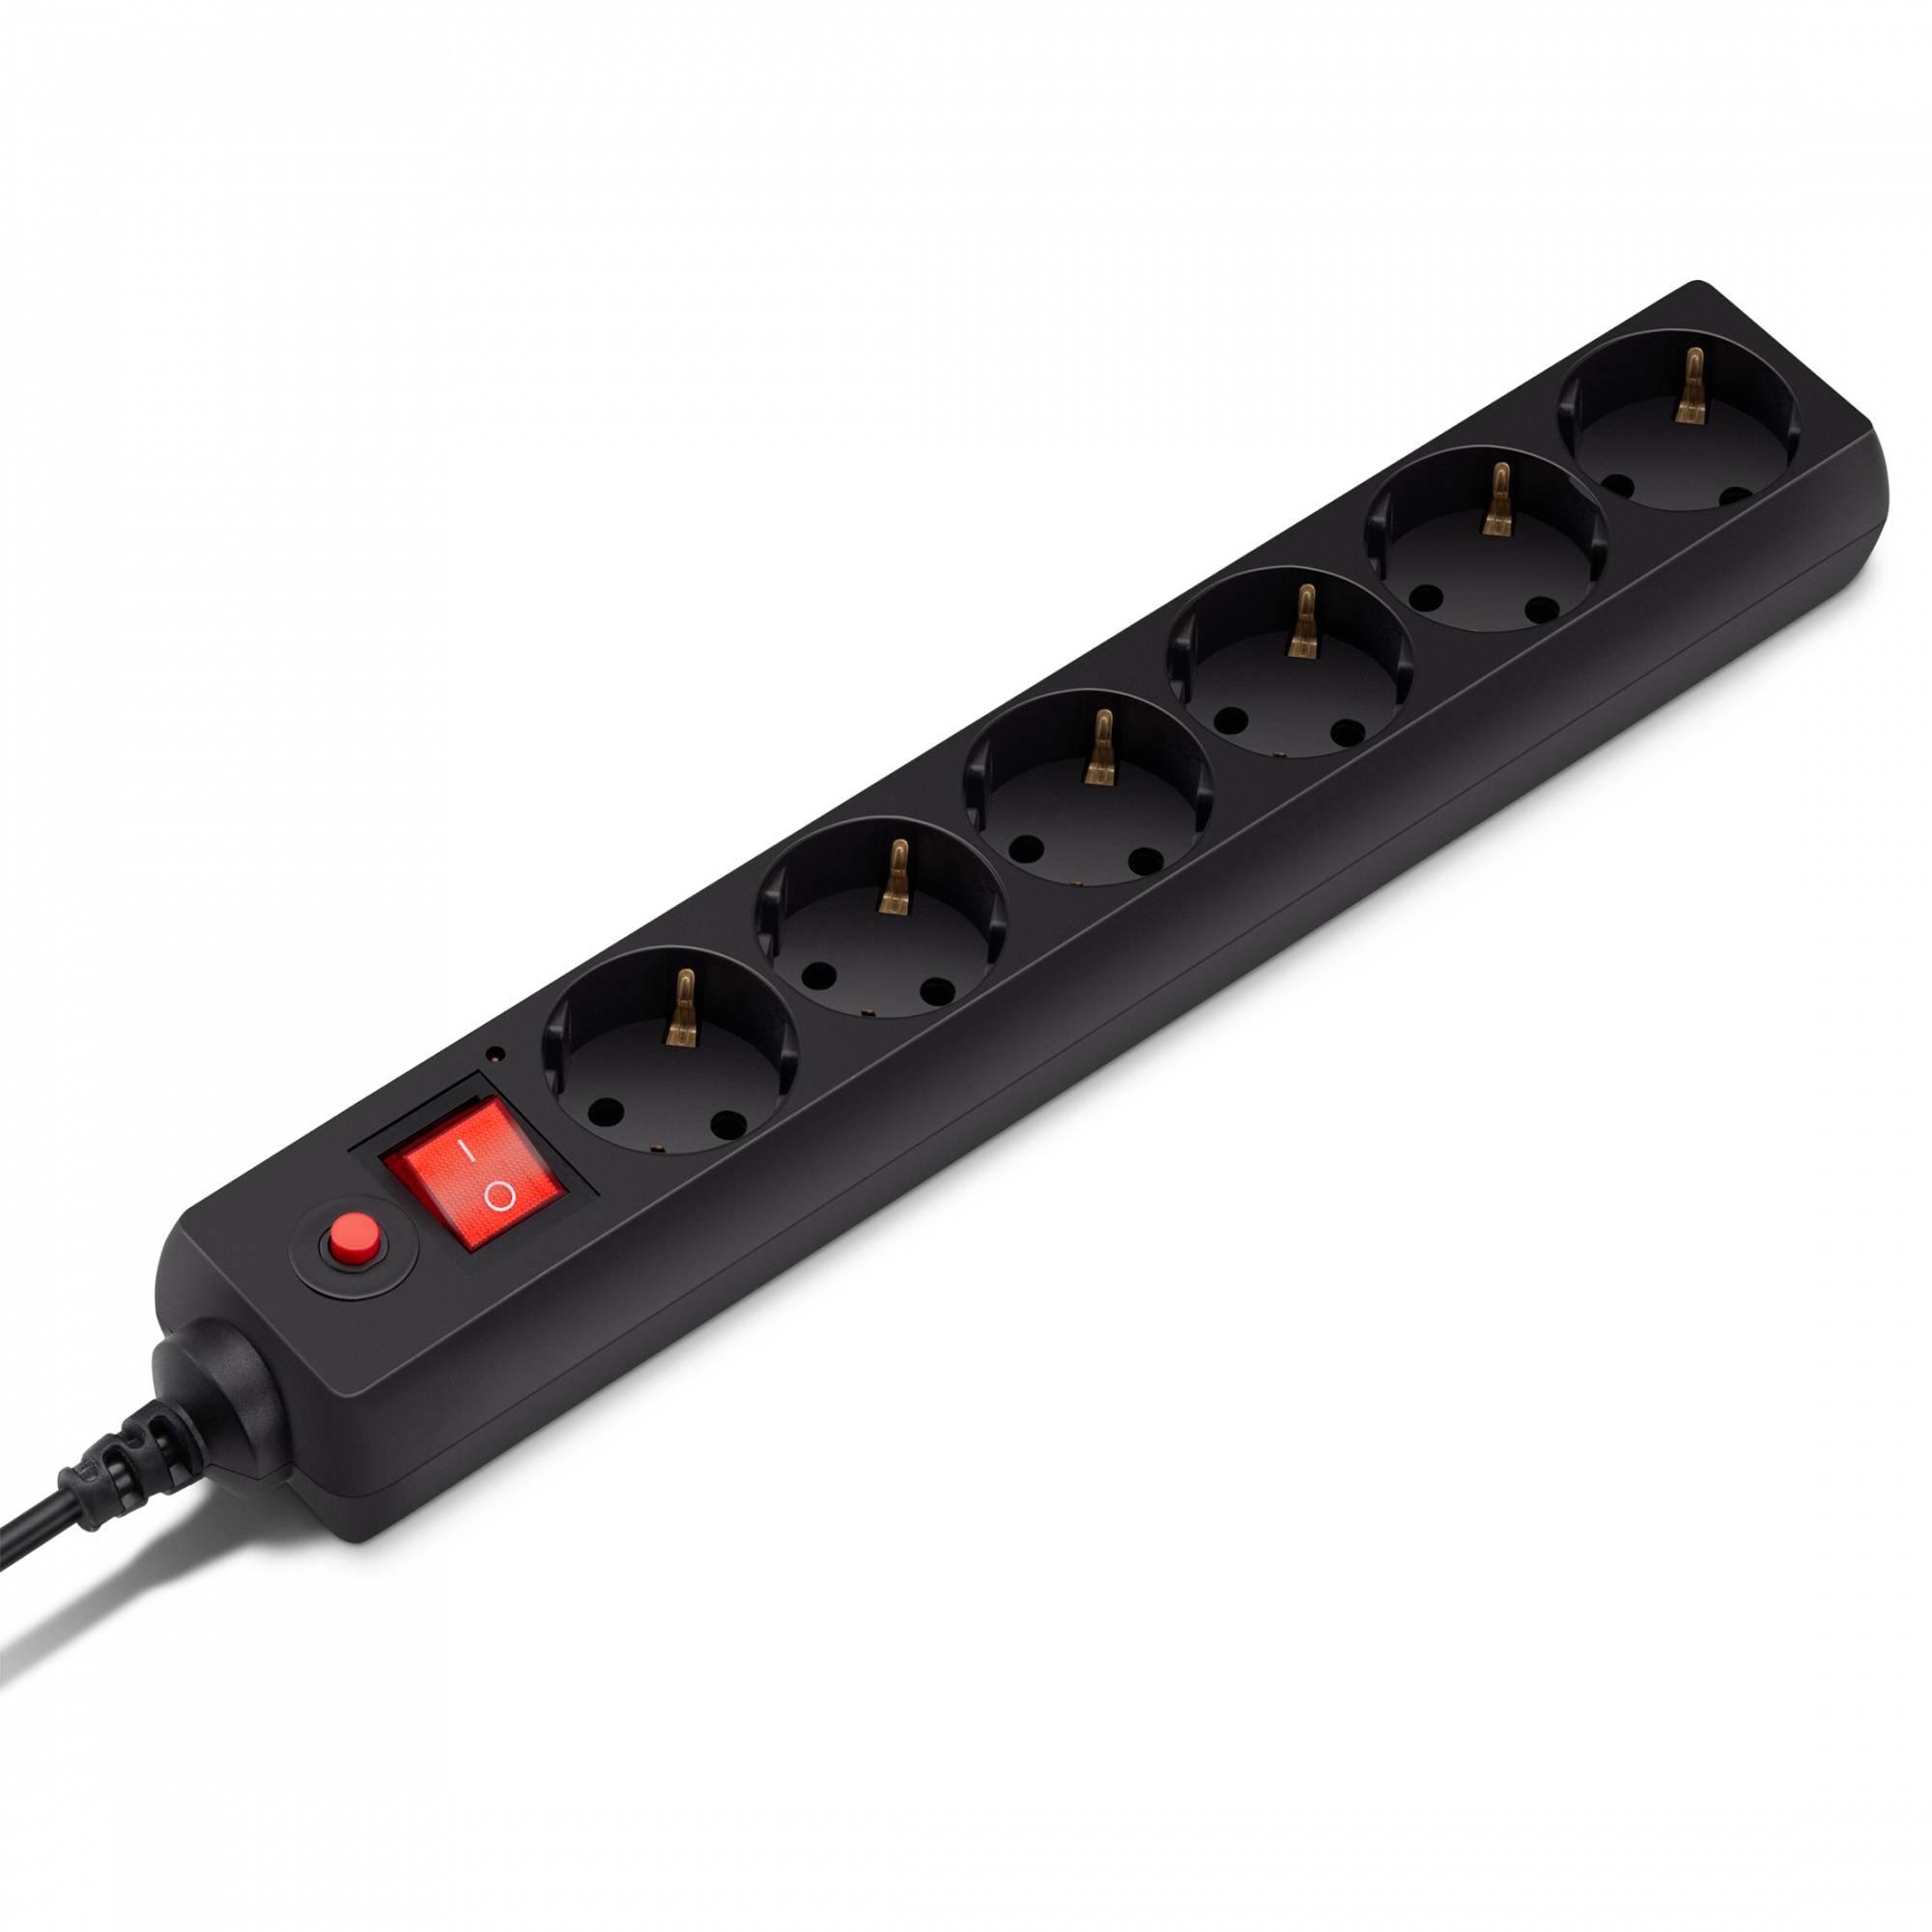 Сетевой фильтр Buro 600SH-1.8-B 1.8м черный - фото 1